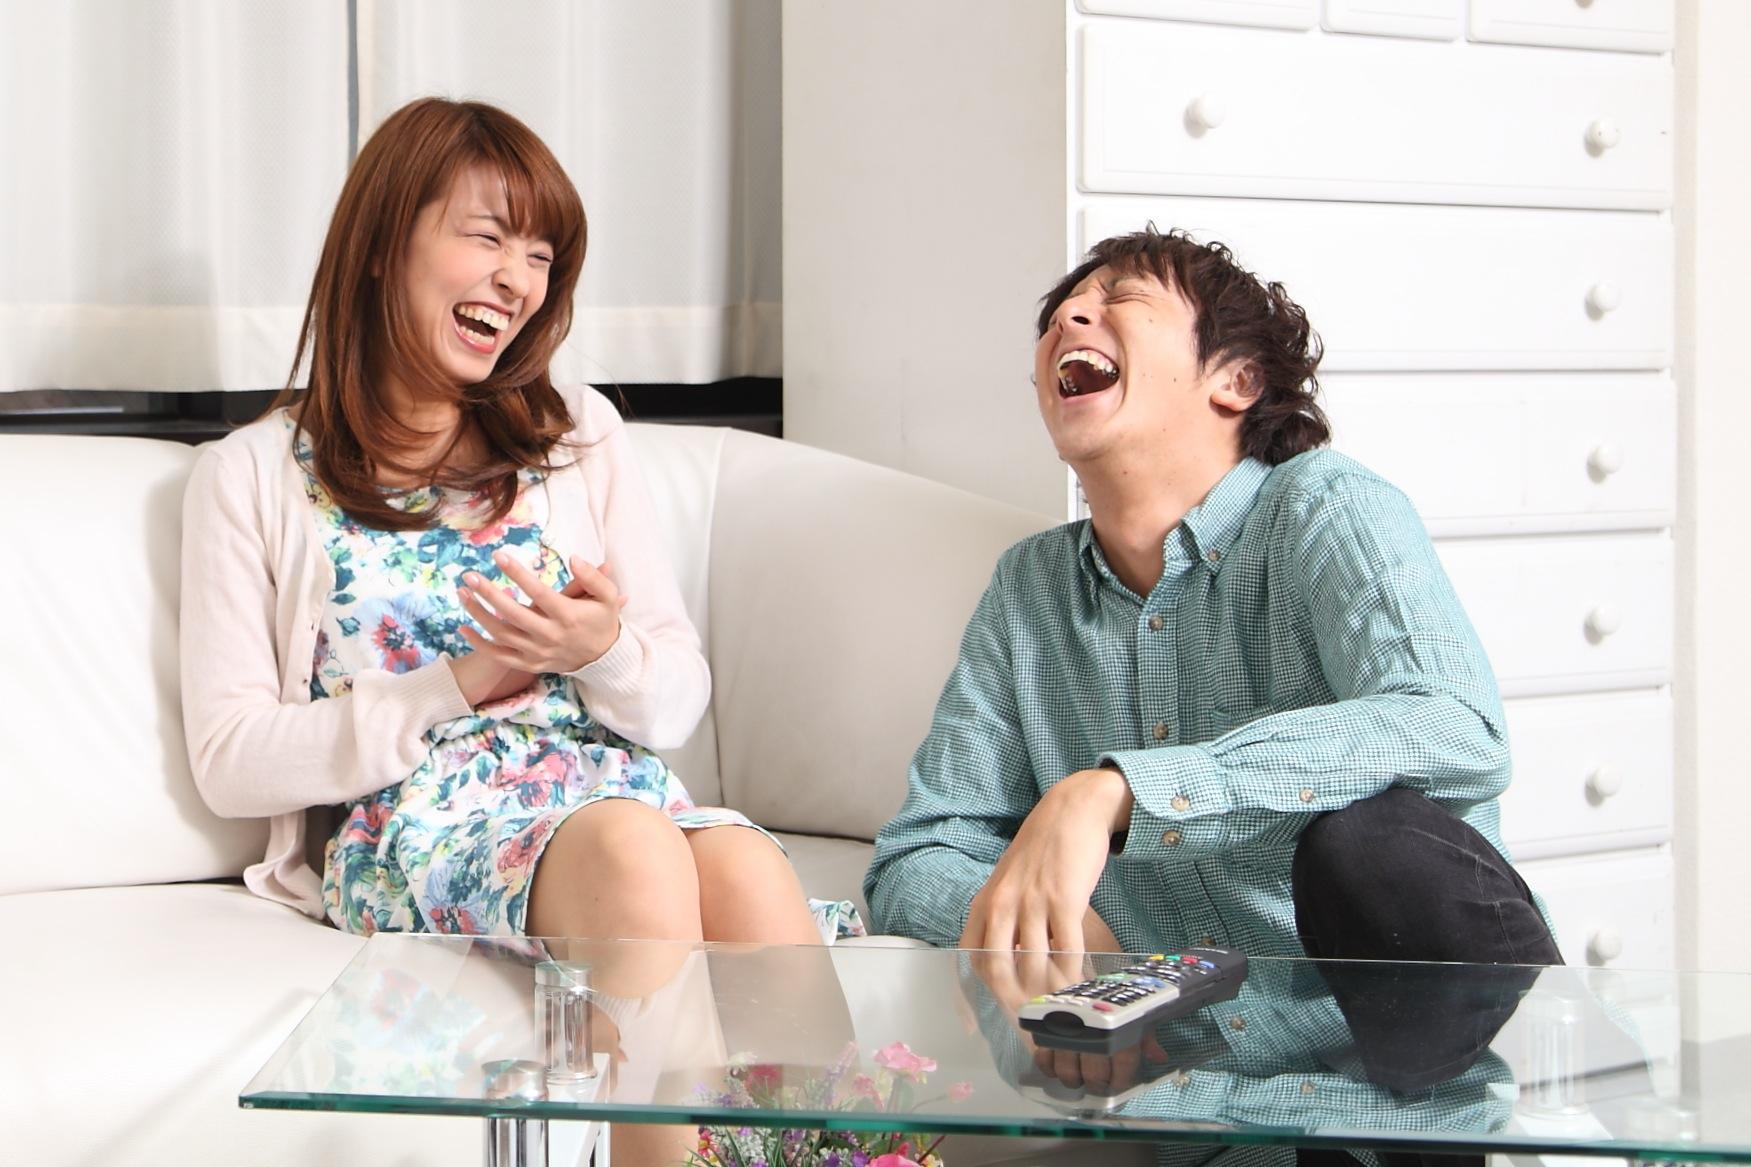 マンネリお家デートを打破できる3つのプラン☆実際に盛り上がった過ごし方をご紹介します!